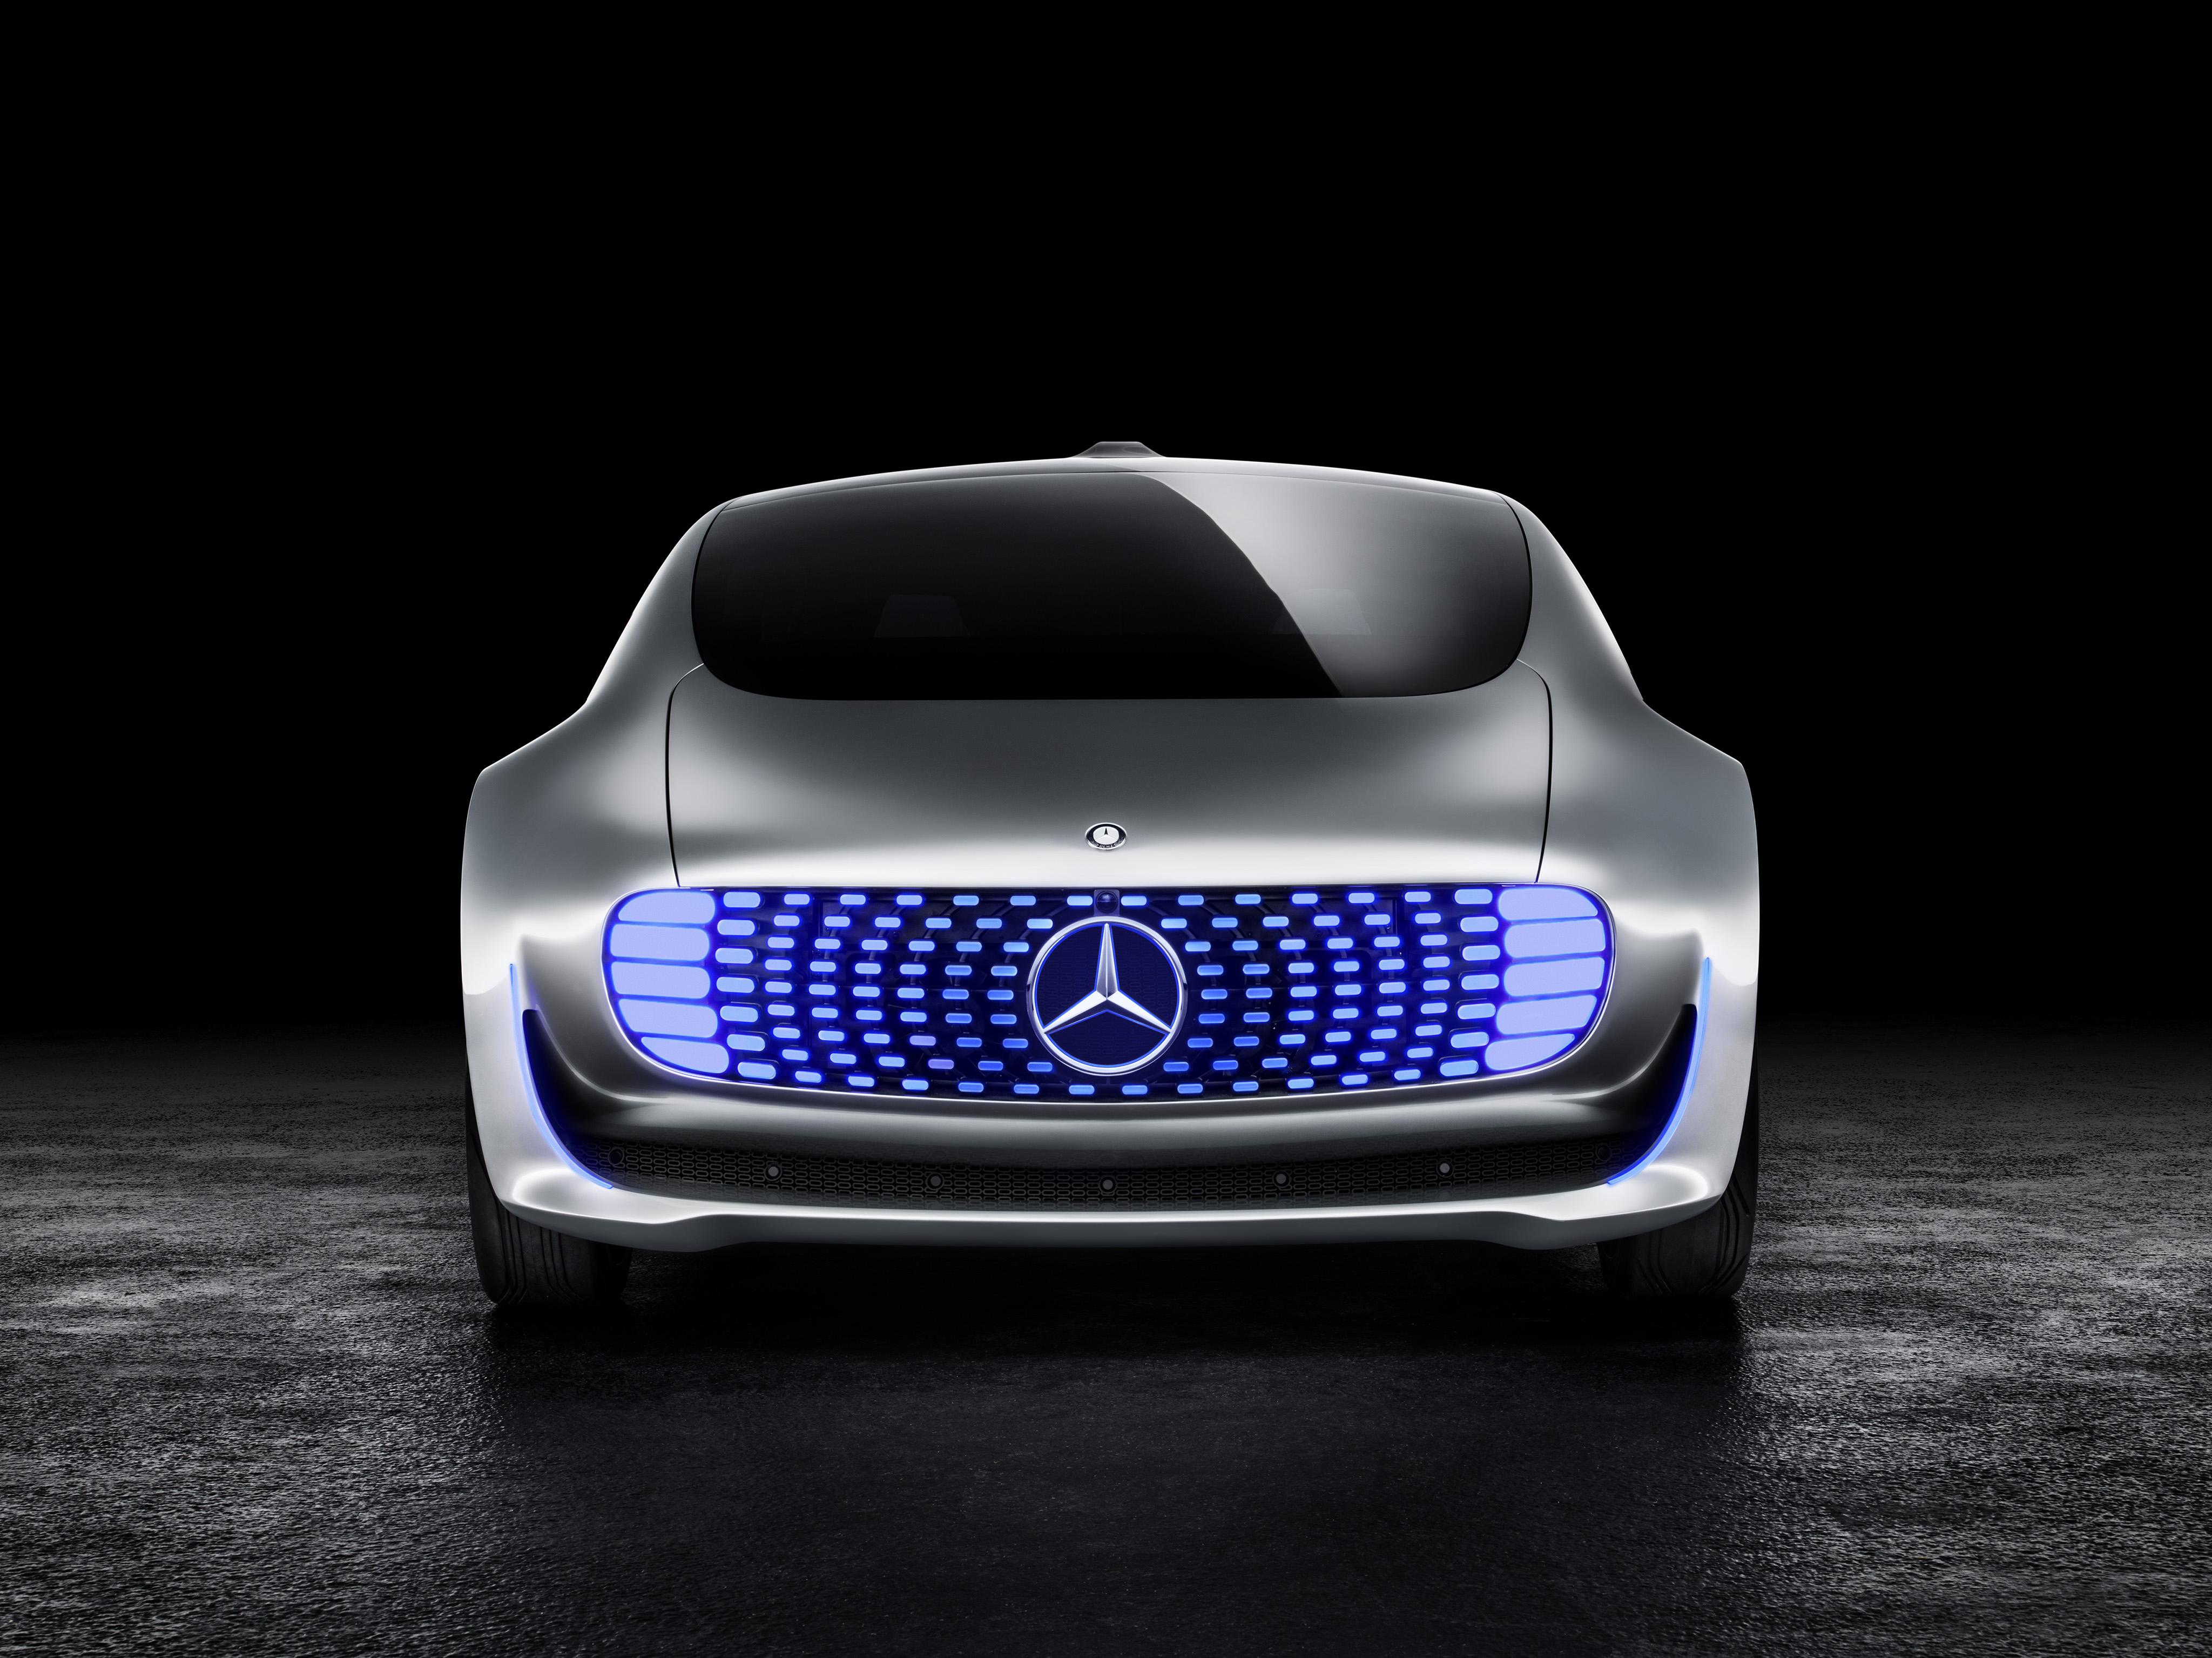 Autonieuws Hybrides Elektrische Autonoom Autorijden Blogs